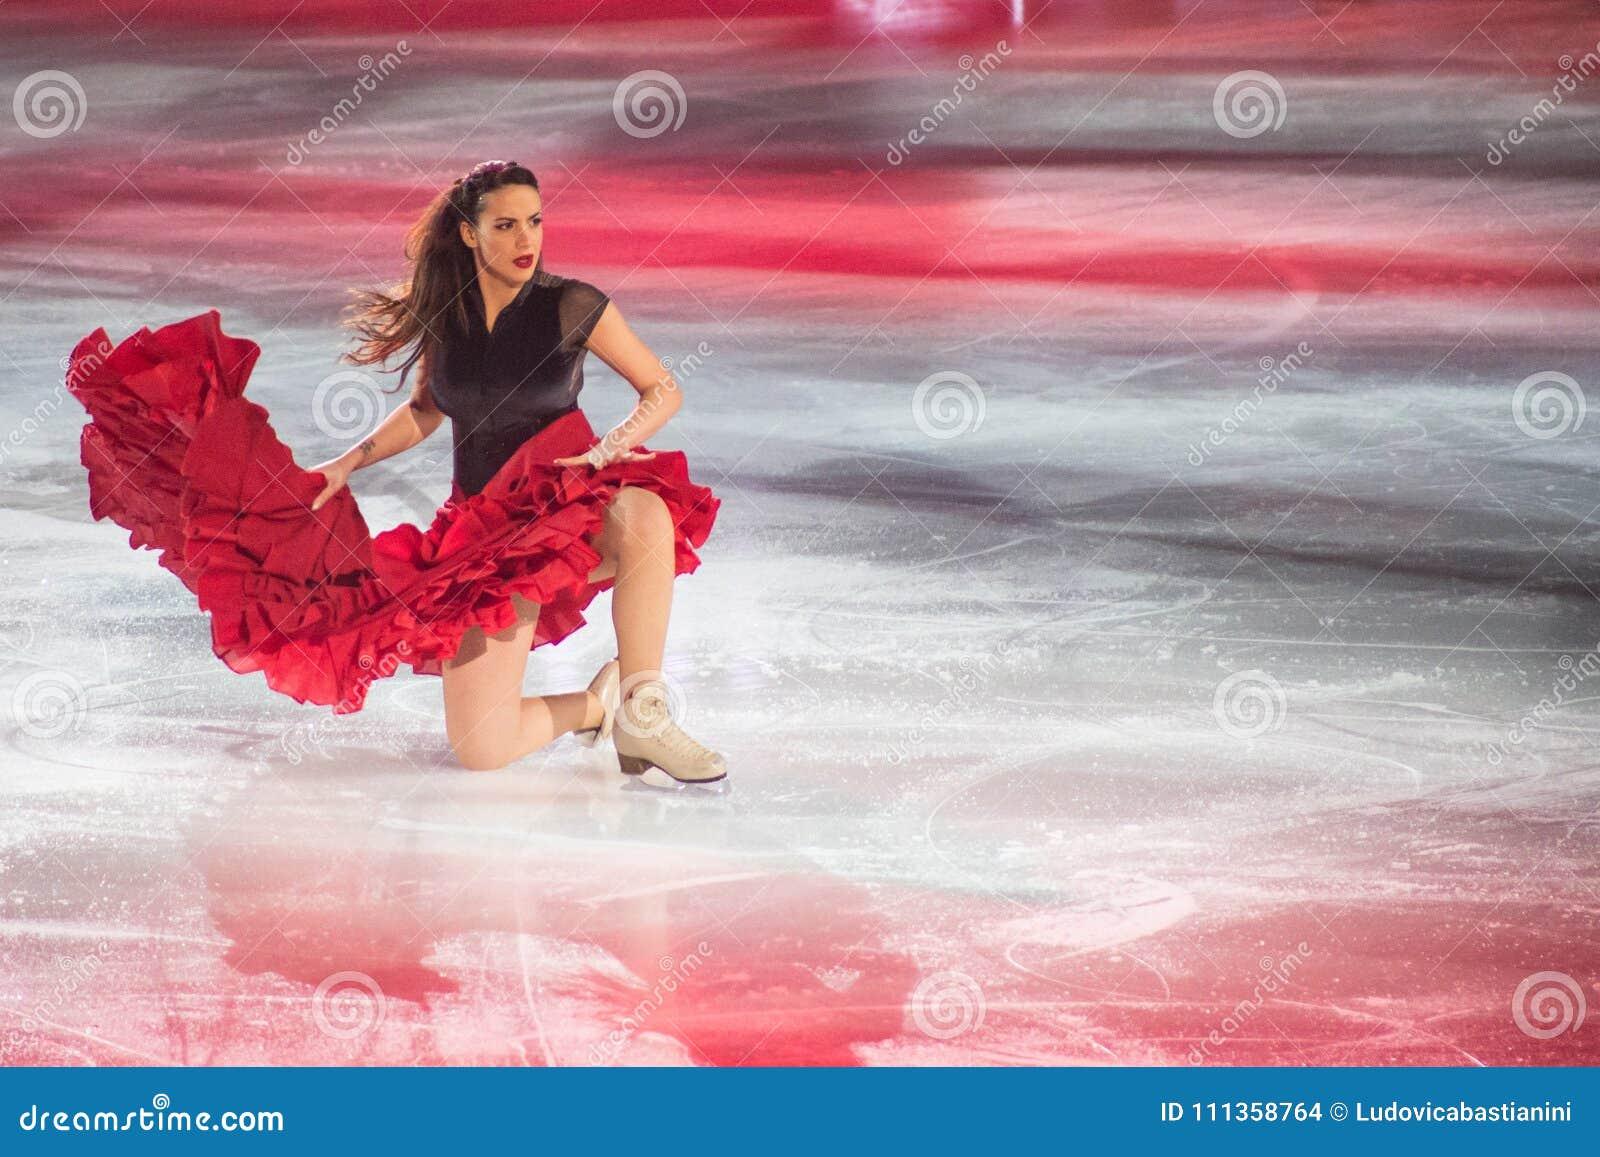 Art on Ice 2018